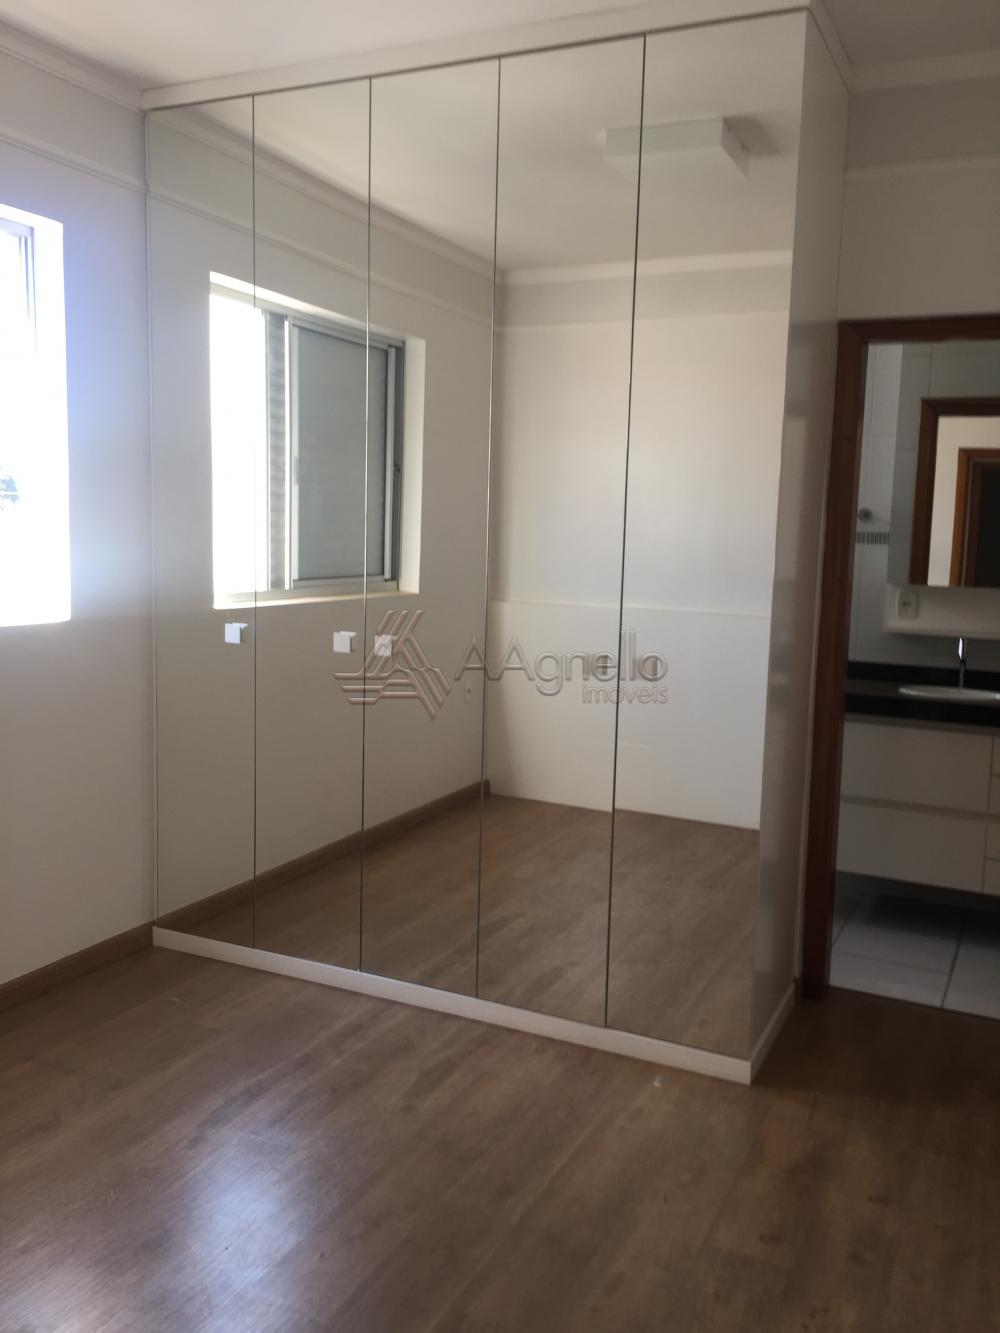 Comprar Apartamento / Padrão em Franca apenas R$ 230.000,00 - Foto 12